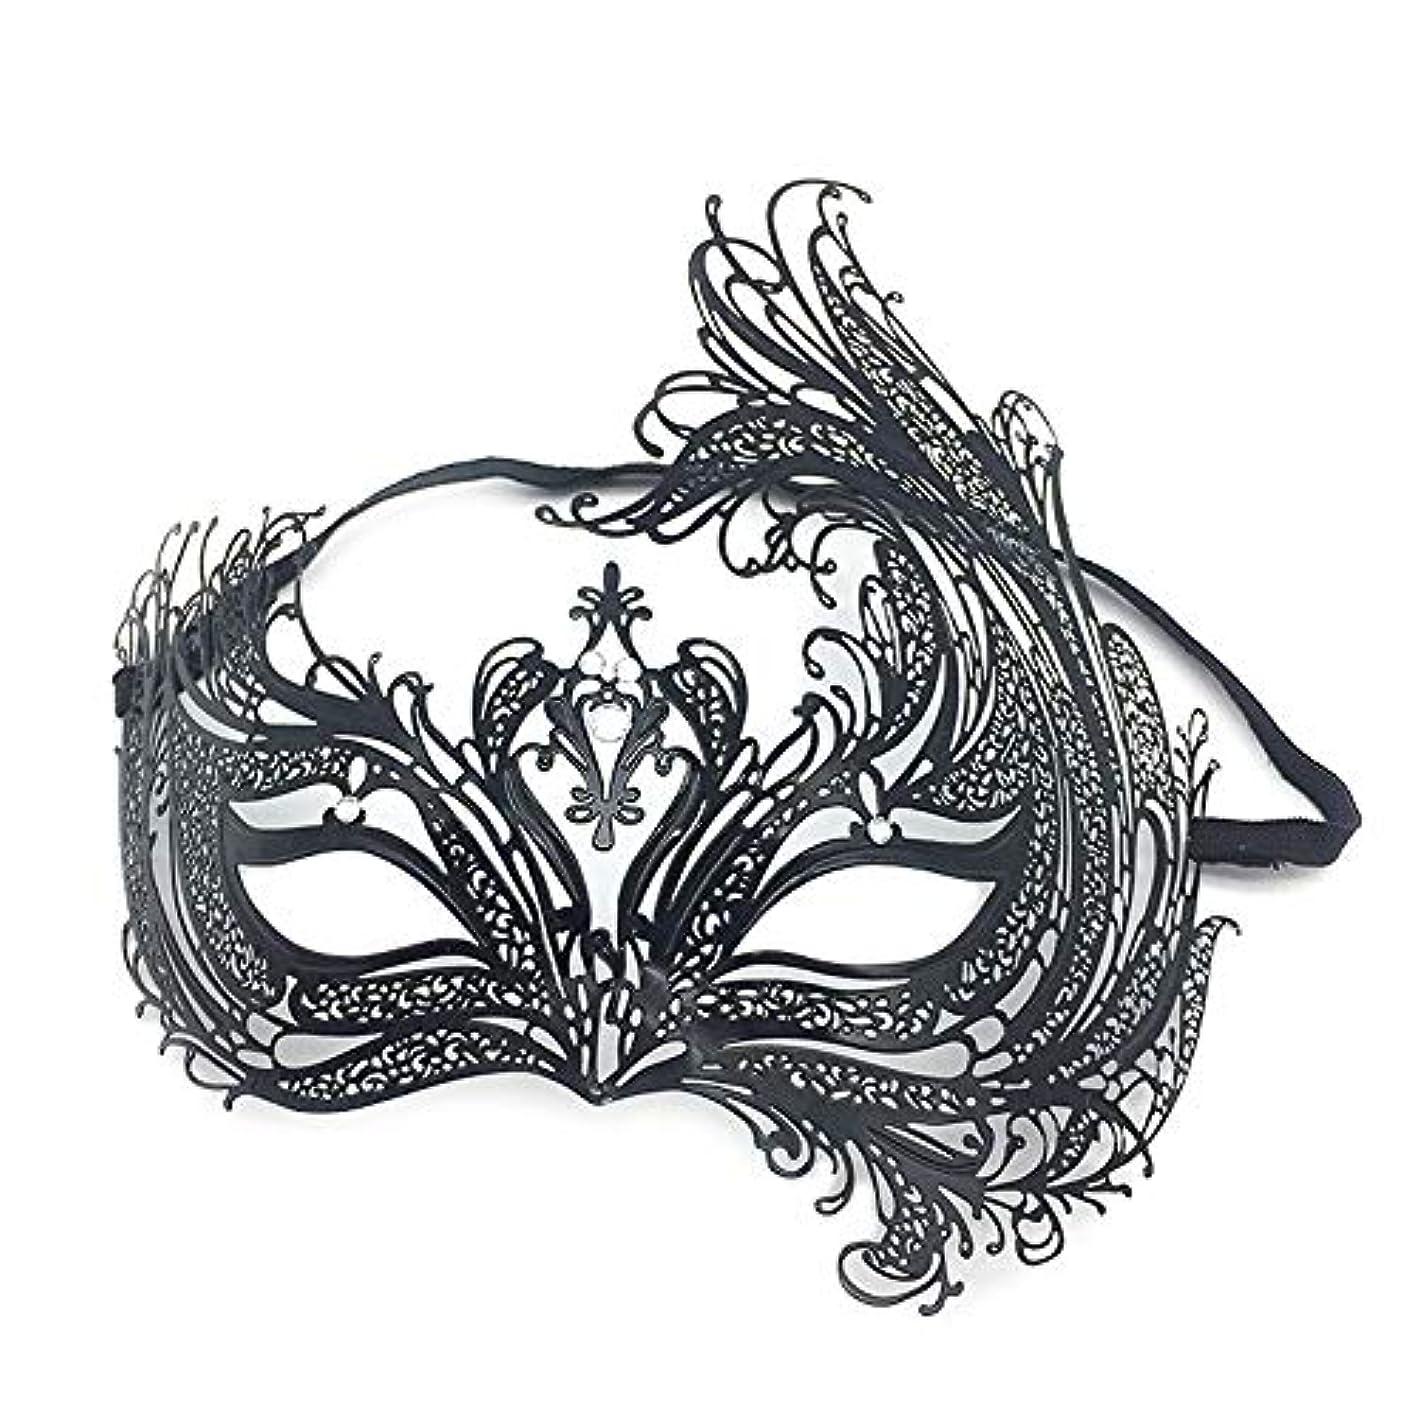 ファランクス罪人マルクス主義者ハロウィンマスクメタルダイヤモンドマスカレードマスクパーティーブラックセクシーなハーフフェイスフェニックスマスク